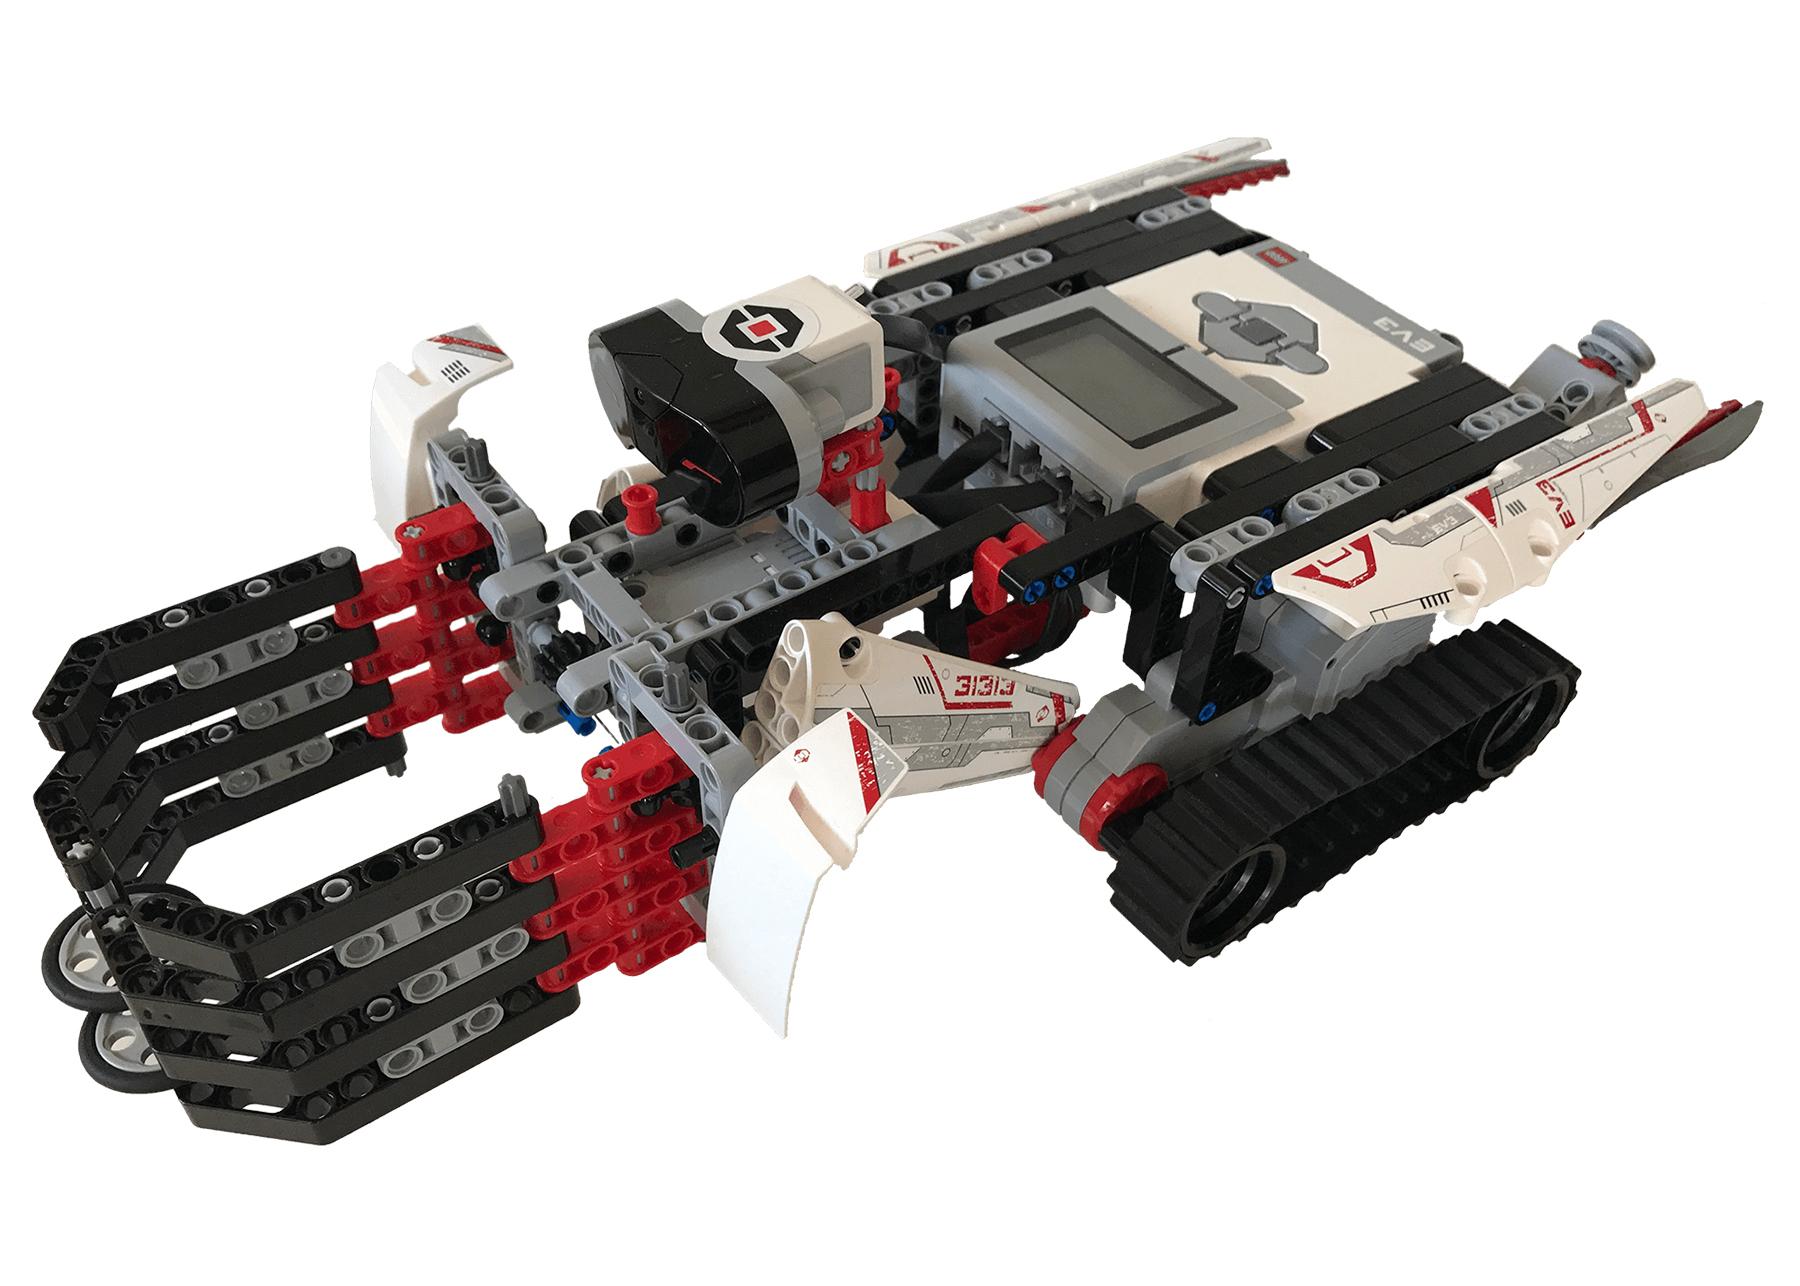 June 10-14: Lego Robotics